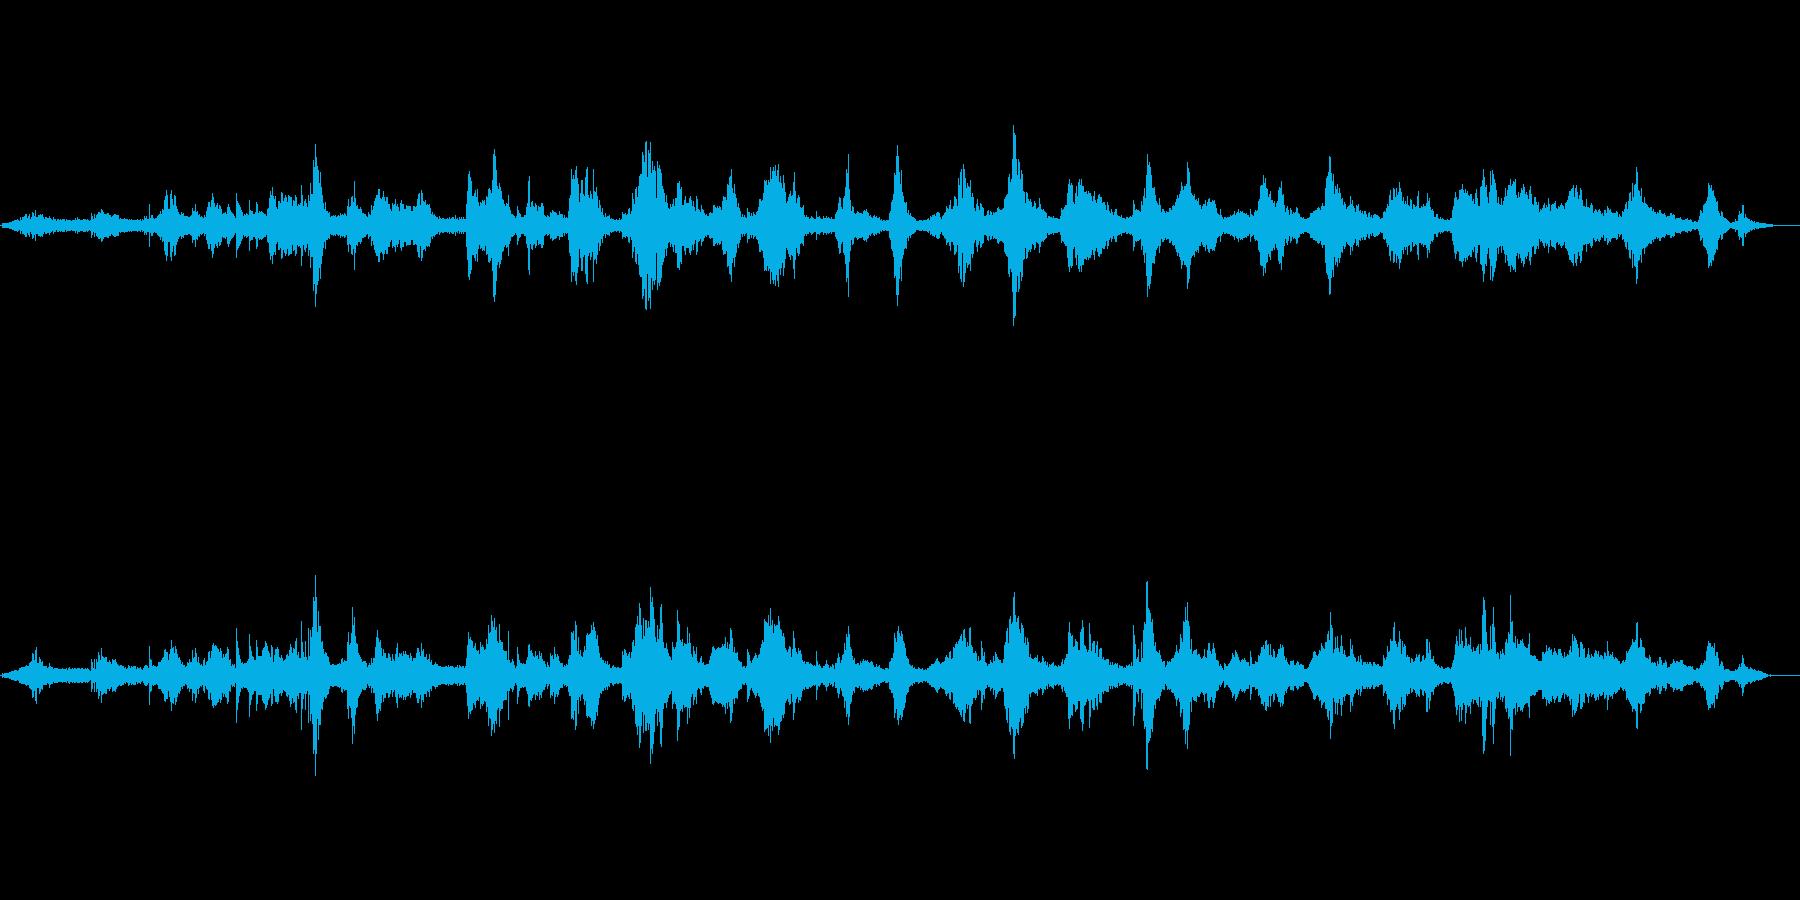 ピアノと尺八の和風ヒーリングミュージックの再生済みの波形